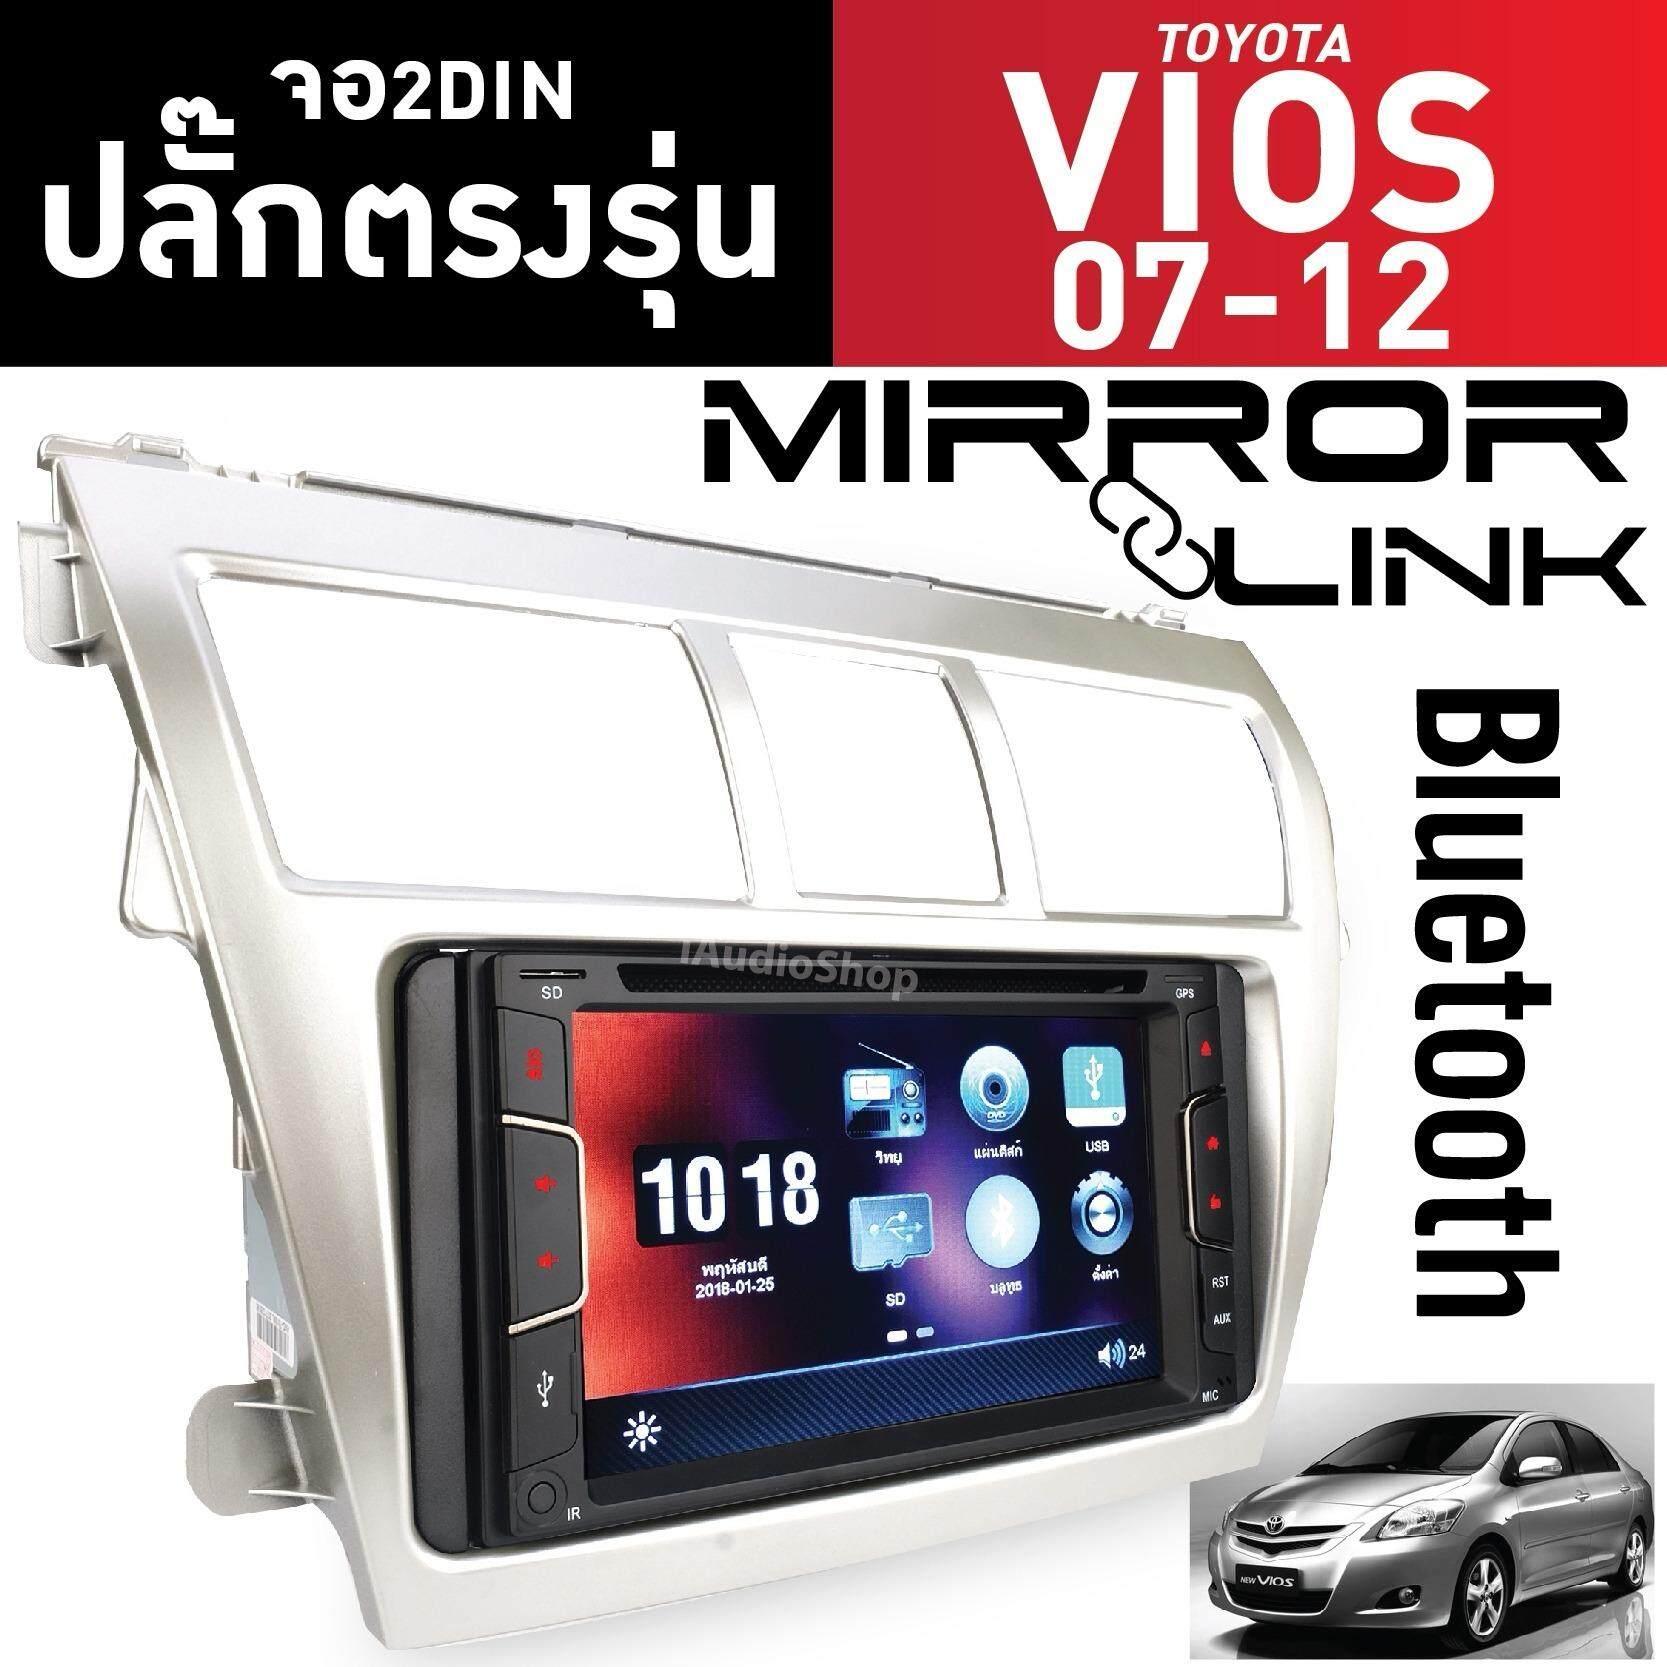 Black Magic ปลั๊กตรงรุ่น ระบบมิลเลอร์ลิงค์ วิทยุติดรถยนต์ จอติดรถยนต์ จอ2Din วิทยุ2Din เครื่องเสียงรถยนต์ Bmg 6517 Mirror Link พร้อมหน้ากากตรงรุ่นรถ โตโยต้า วีออส Toyota Vios 07 12 สีเงิน ปลั๊กตรงรุ่นไม่ต้องตัดต่อสายไฟ ใหม่ล่าสุด